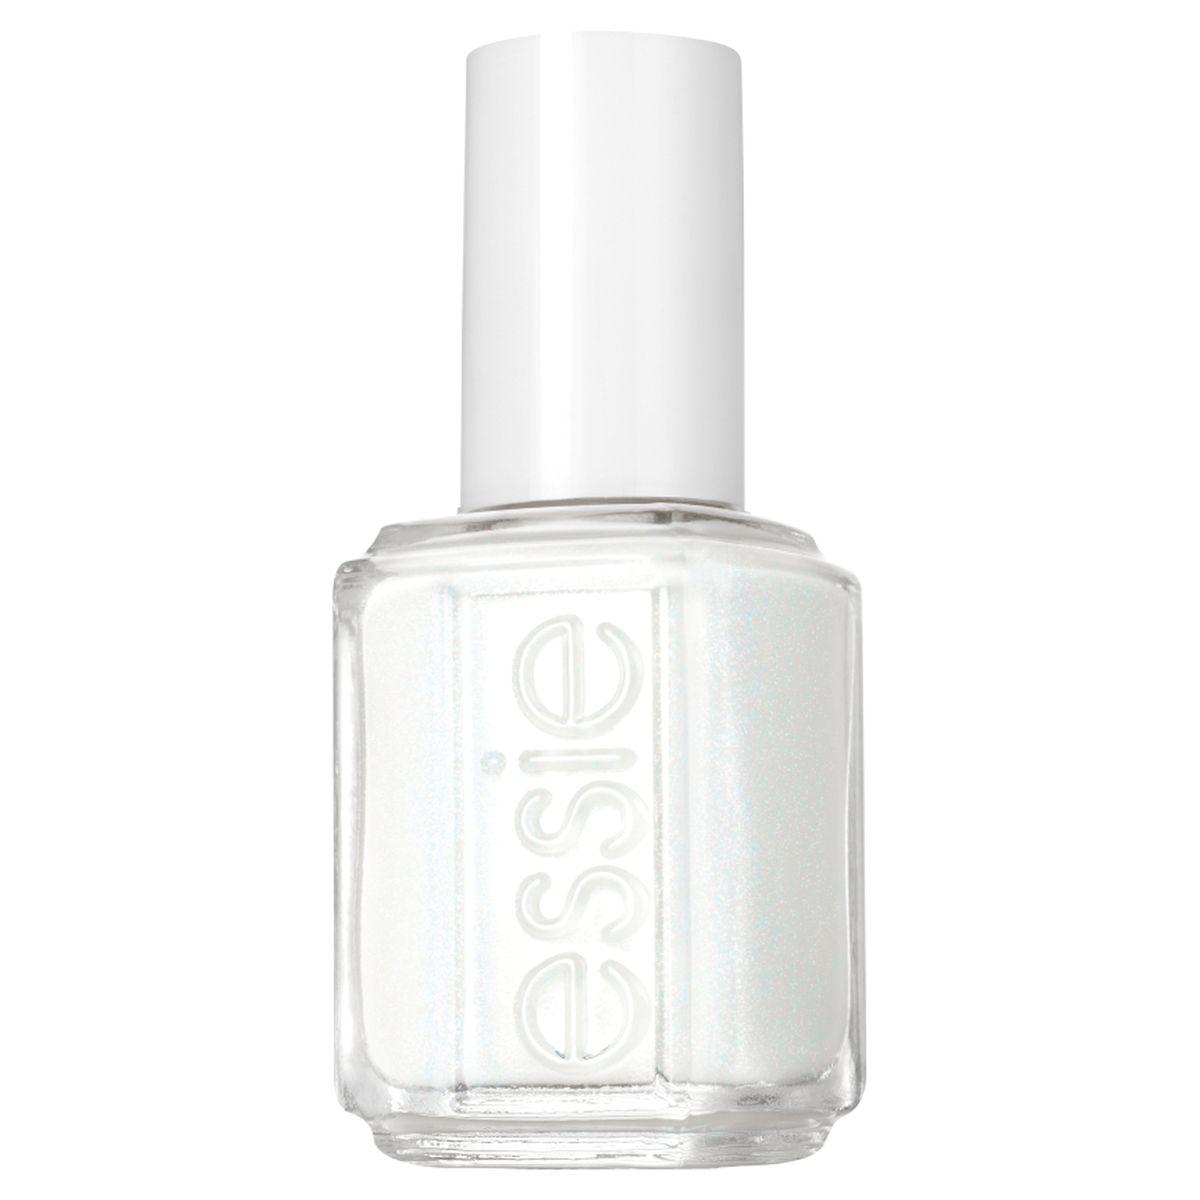 Essie лак для ногтей, оттенок 370 Уикенд для двоих, 13,5 млB2500Легендарный американский бренд лаков для ногтей Essie - уже более 30 лет - выбор номер один у миллионов женщин! Широкая гамма самых ярких, аппетитных и непредсказуемых оттенков на любой вкус и по любому поводу.